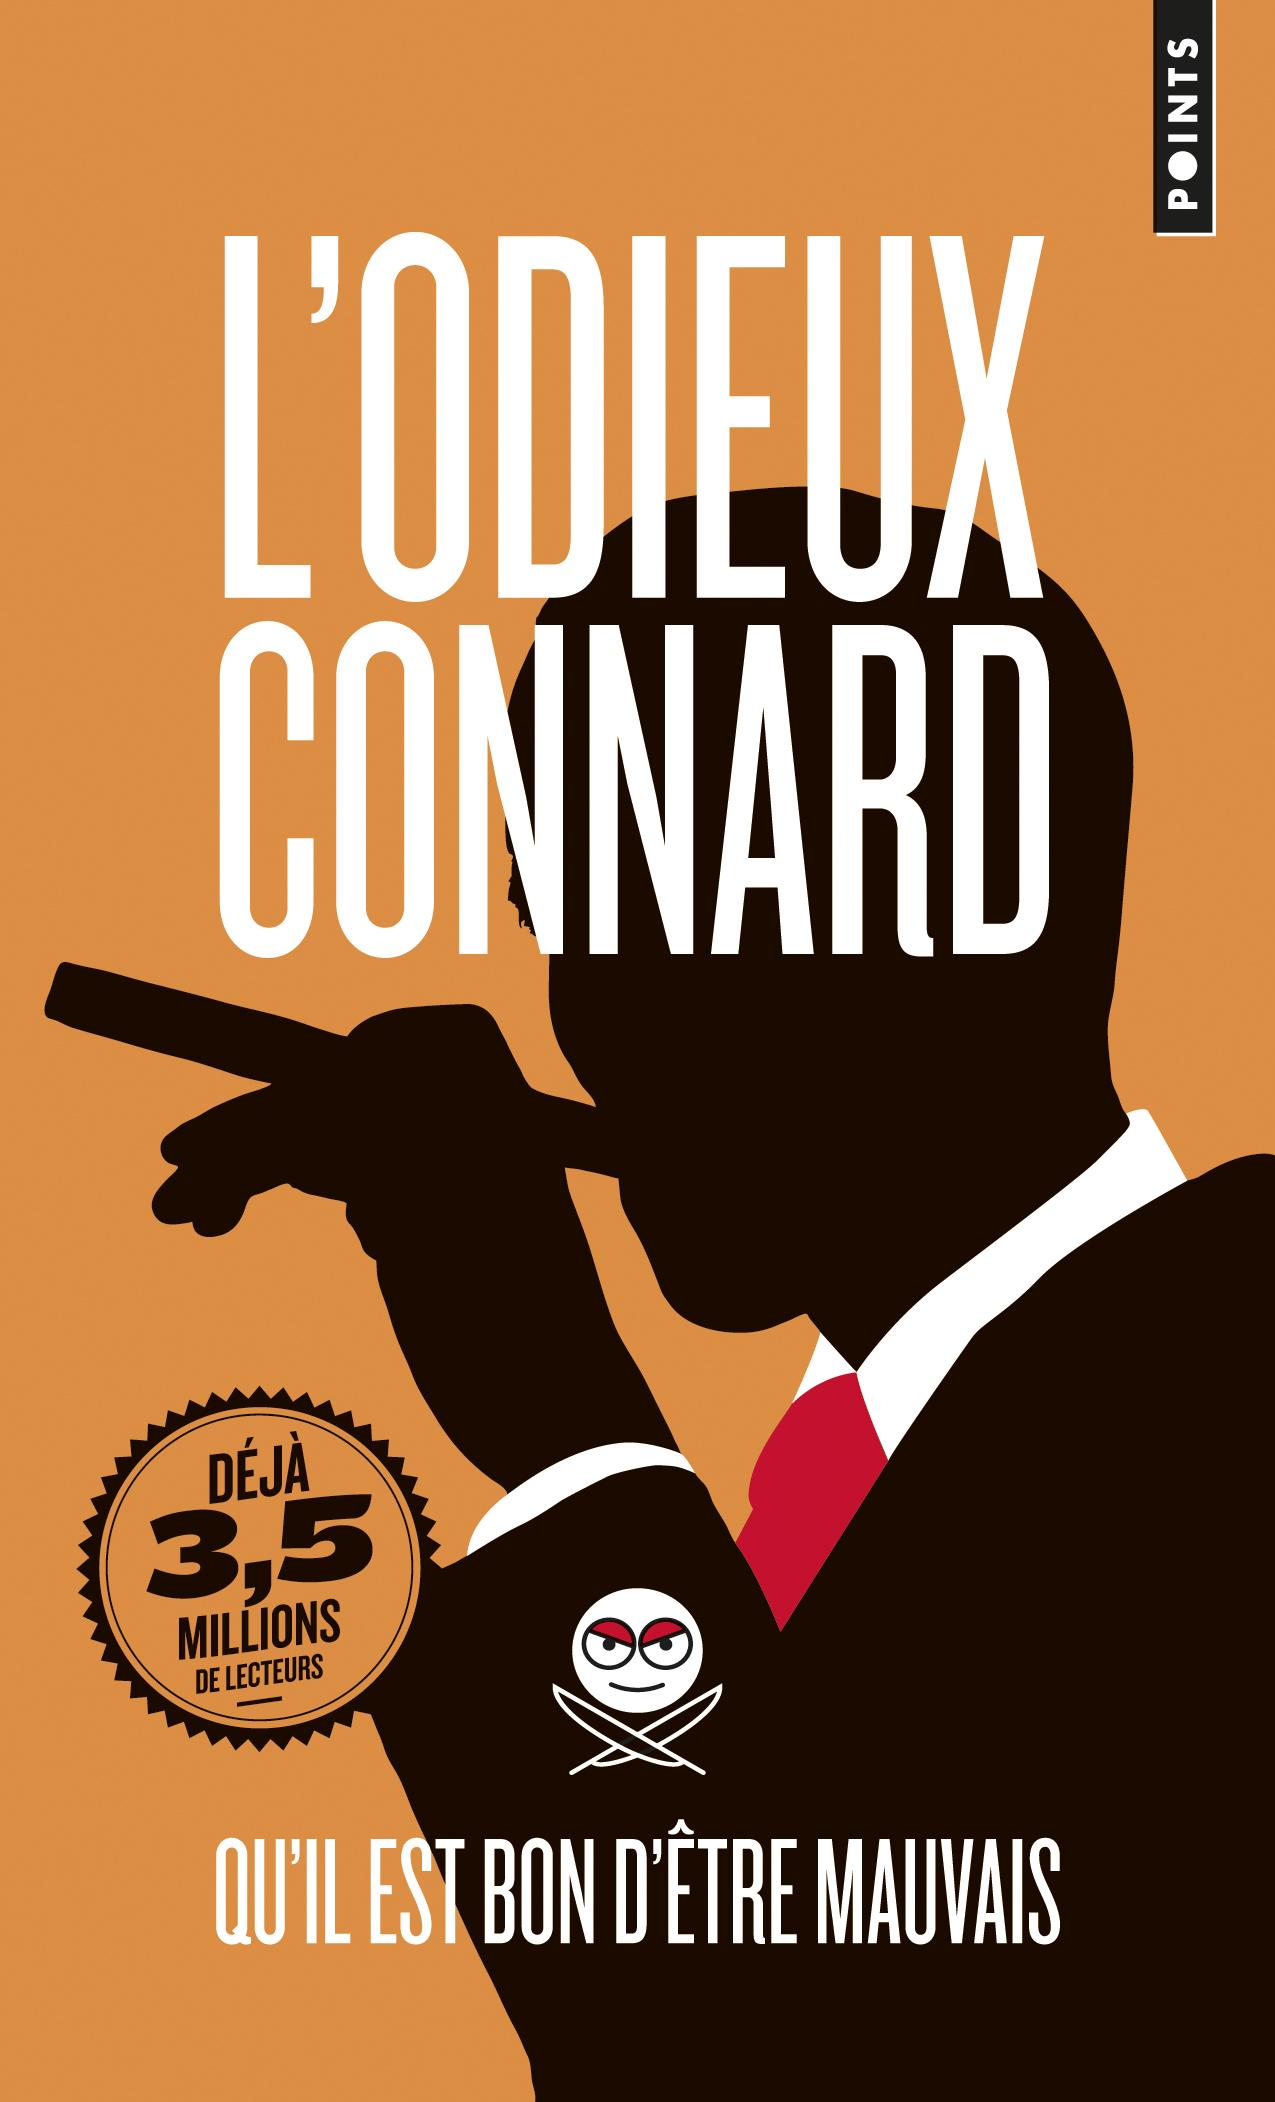 Le Blog D'un Odieux Connard : odieux, connard, Odieux, Connard, Qu'il, D'être, Mauvais.